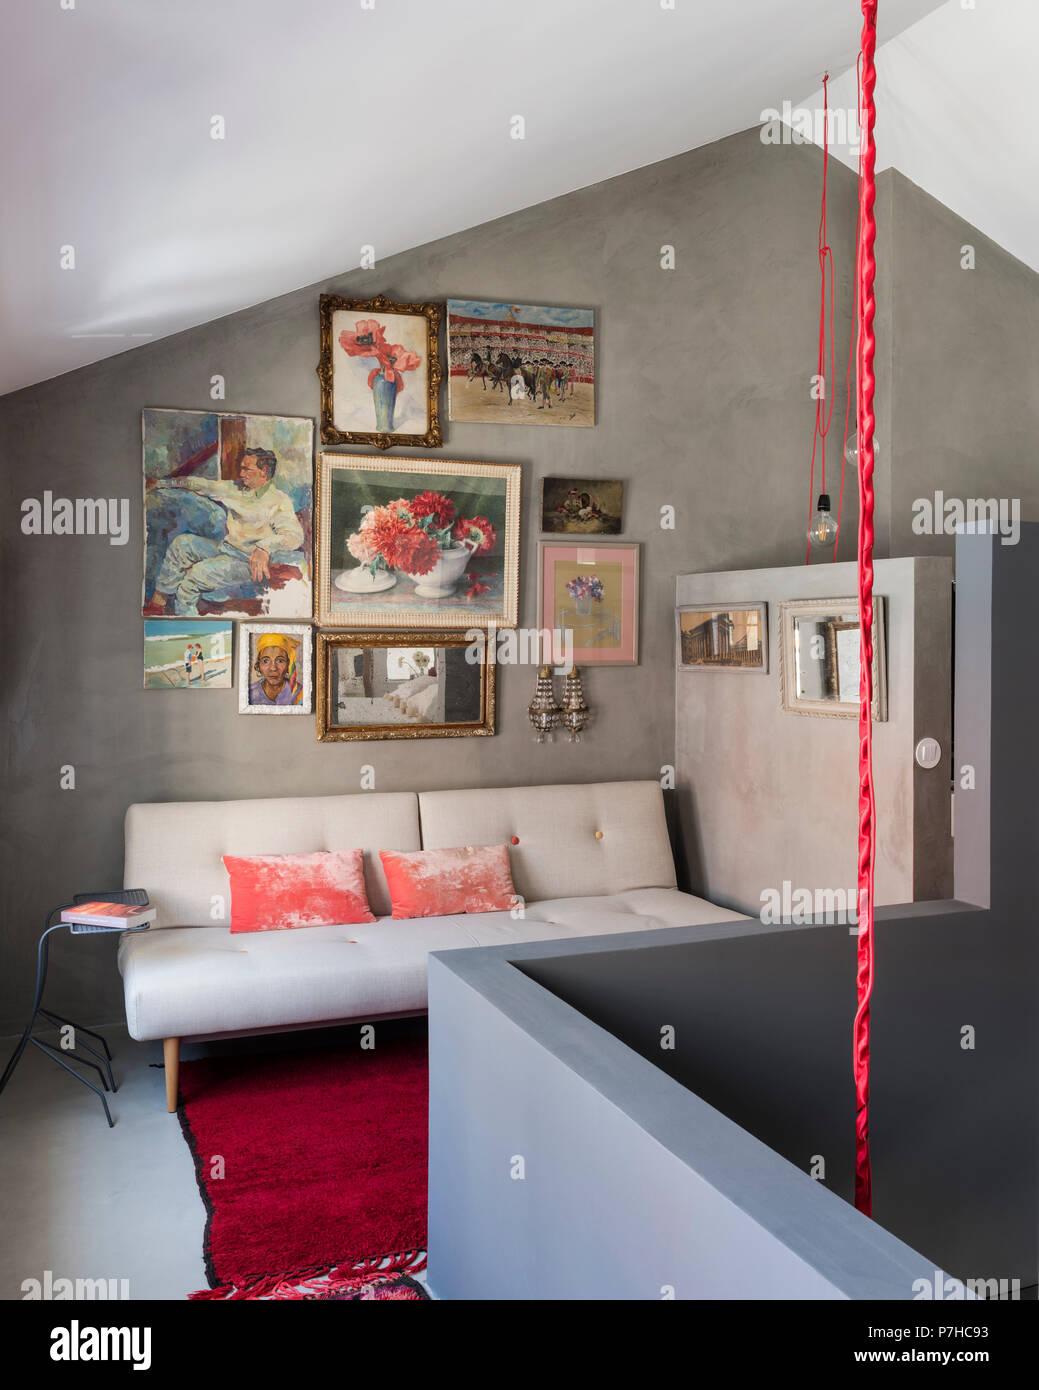 Colorida mezcla de naturalezas muertas y retratos en la pared de la zona de asientos en moderno apartamento estilo loft Foto de stock